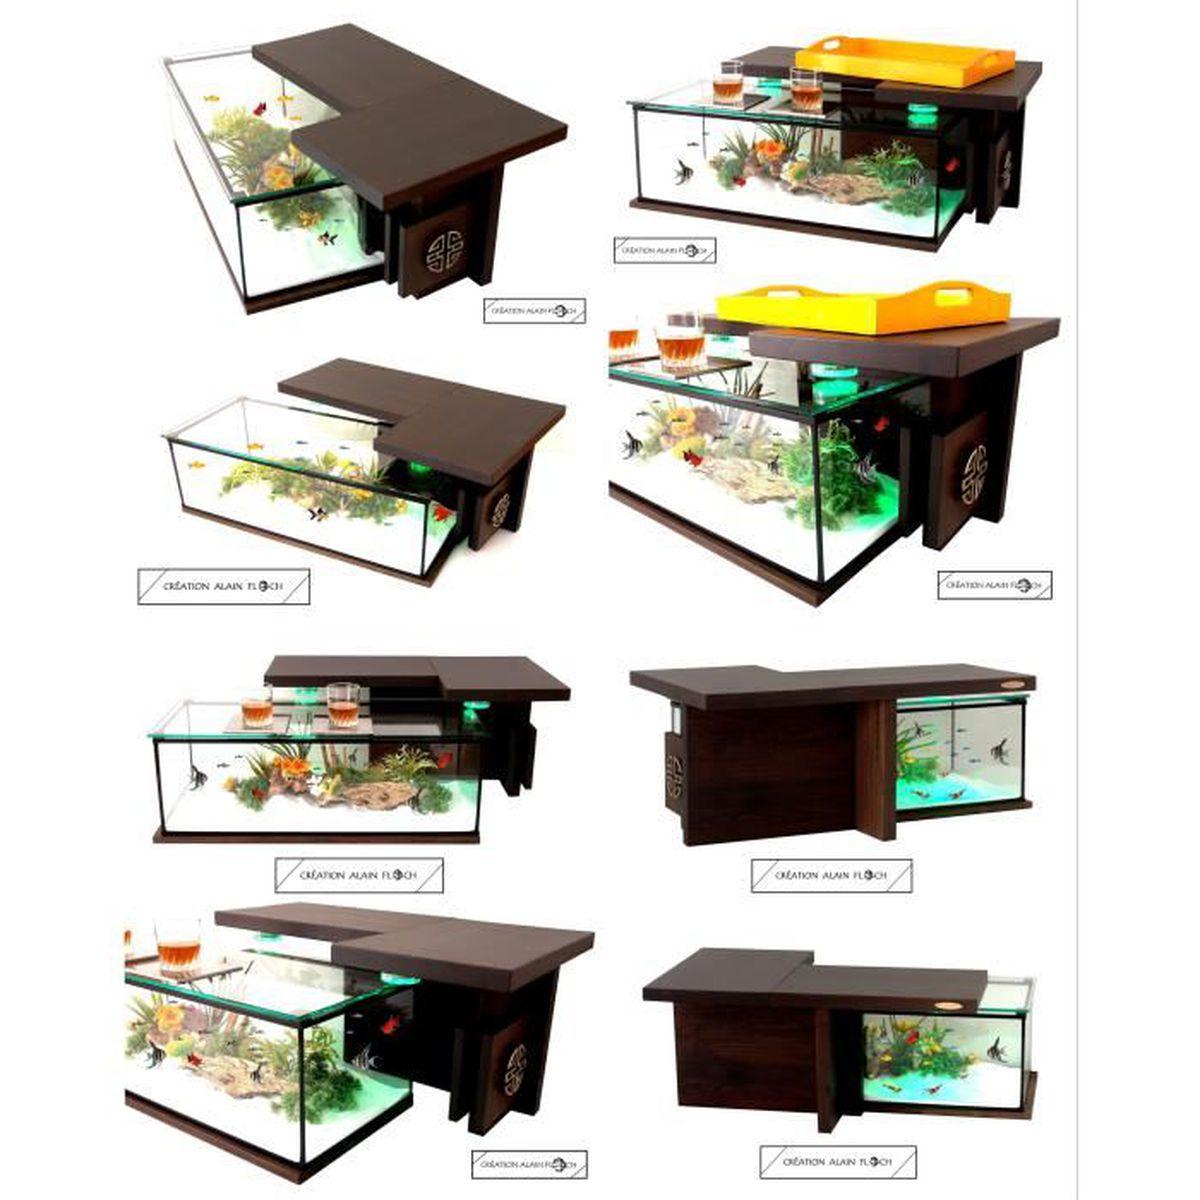 Table Basse Terrarium A Vendre table basse aquarium terrarium monastik - filtre interne